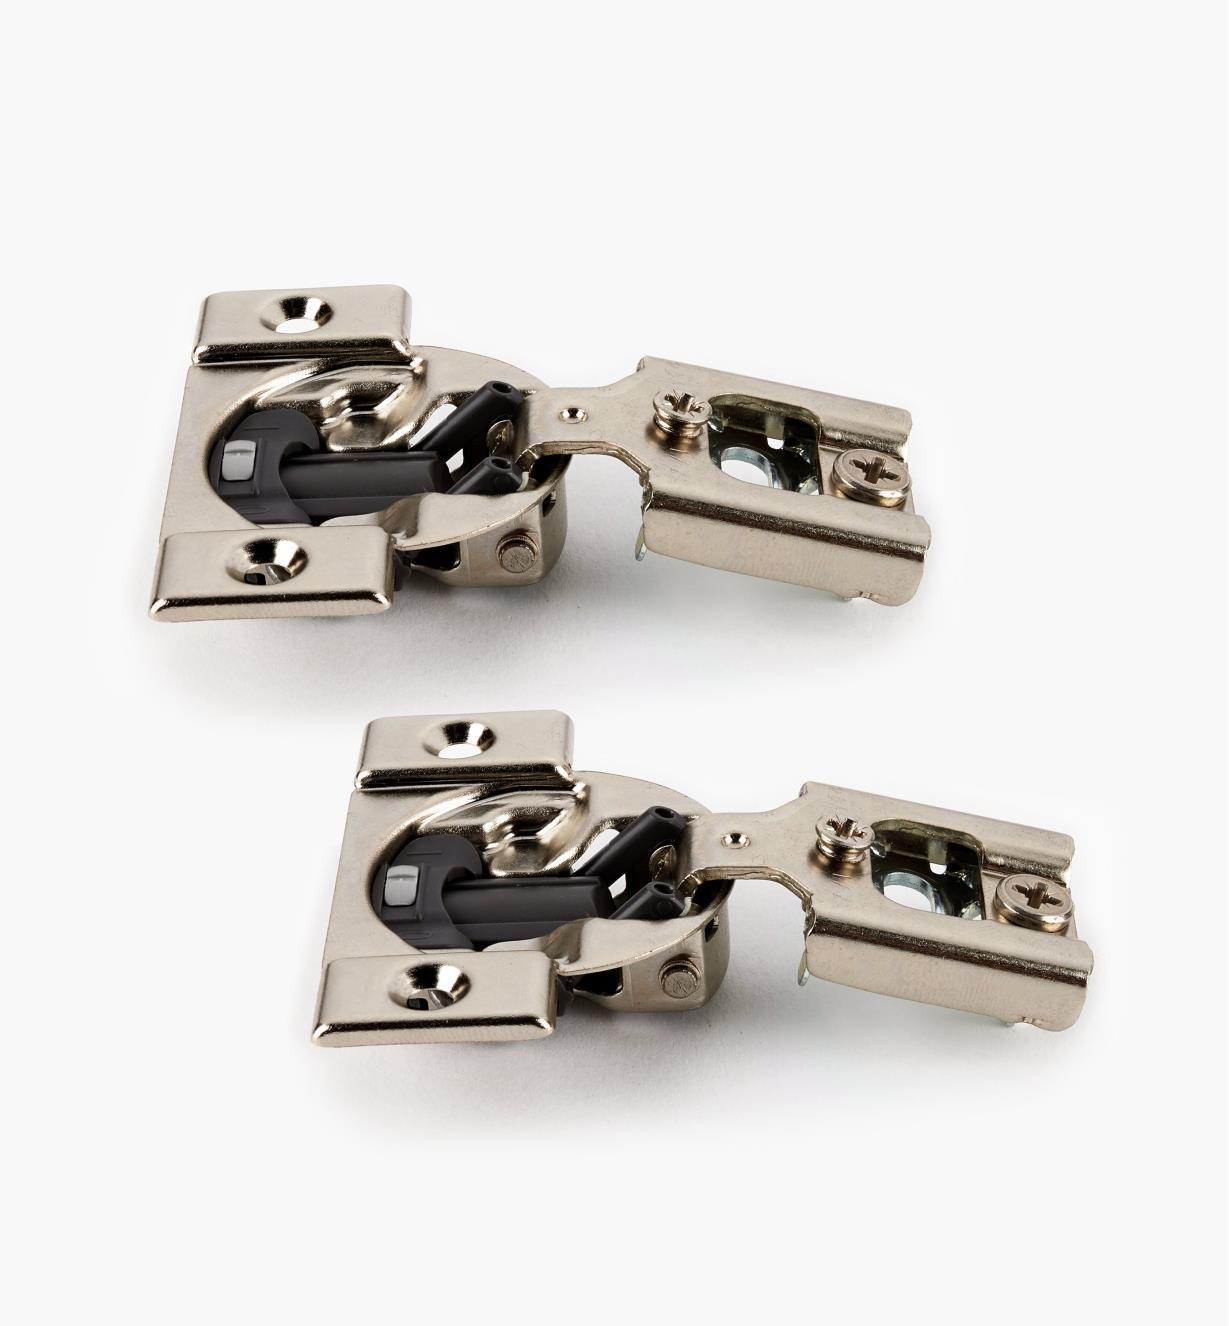 00B1814 - Charnières Blumotion compactes105°, porte à demi-recouvrement, la paire